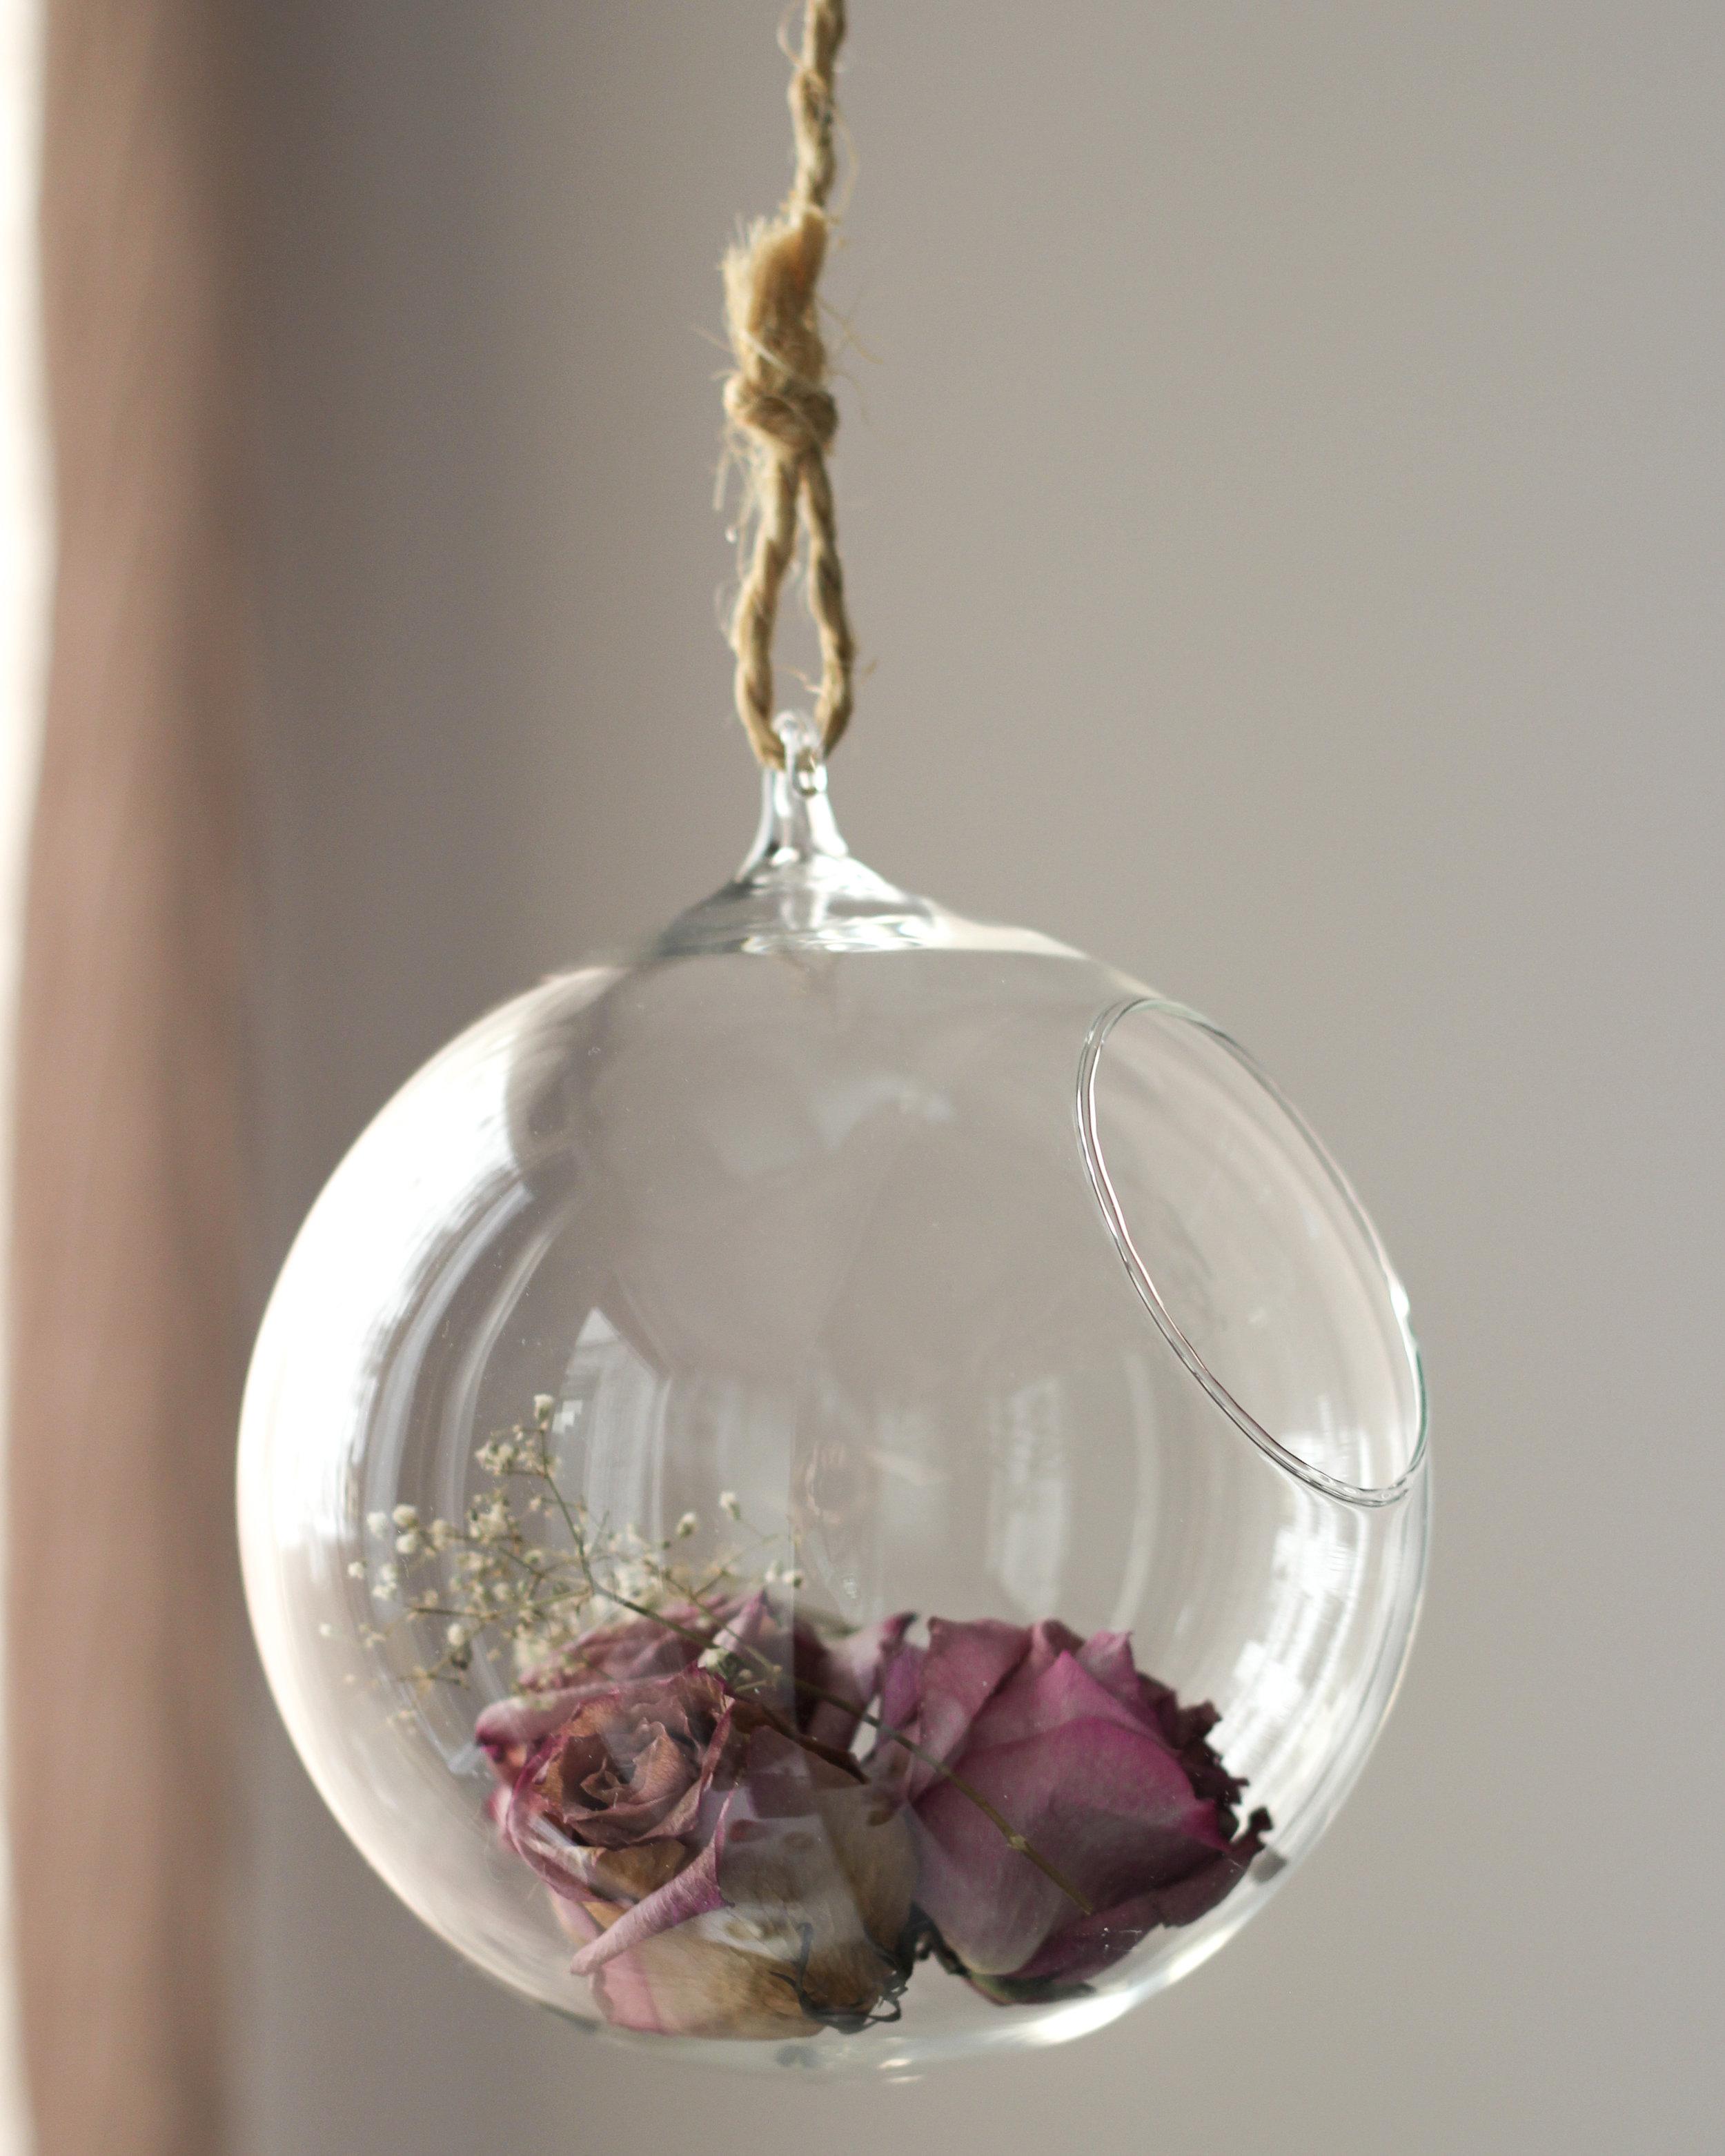 Roses-4.jpg